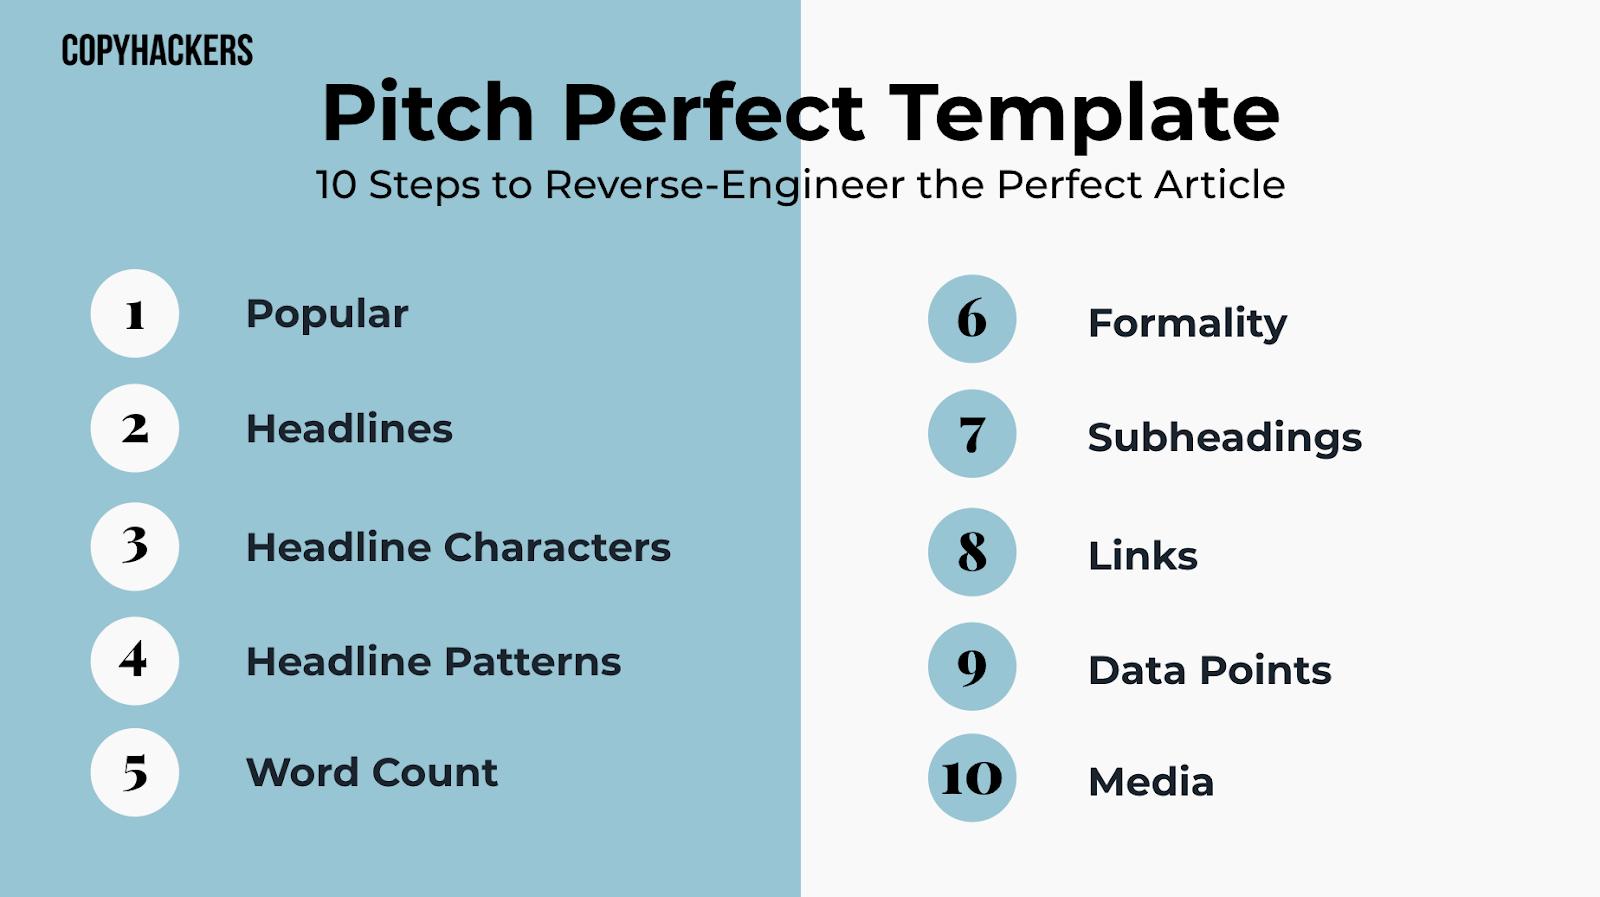 Pitch Perfect Template: 10 passaggi per decodificare il Perfect Guest Post